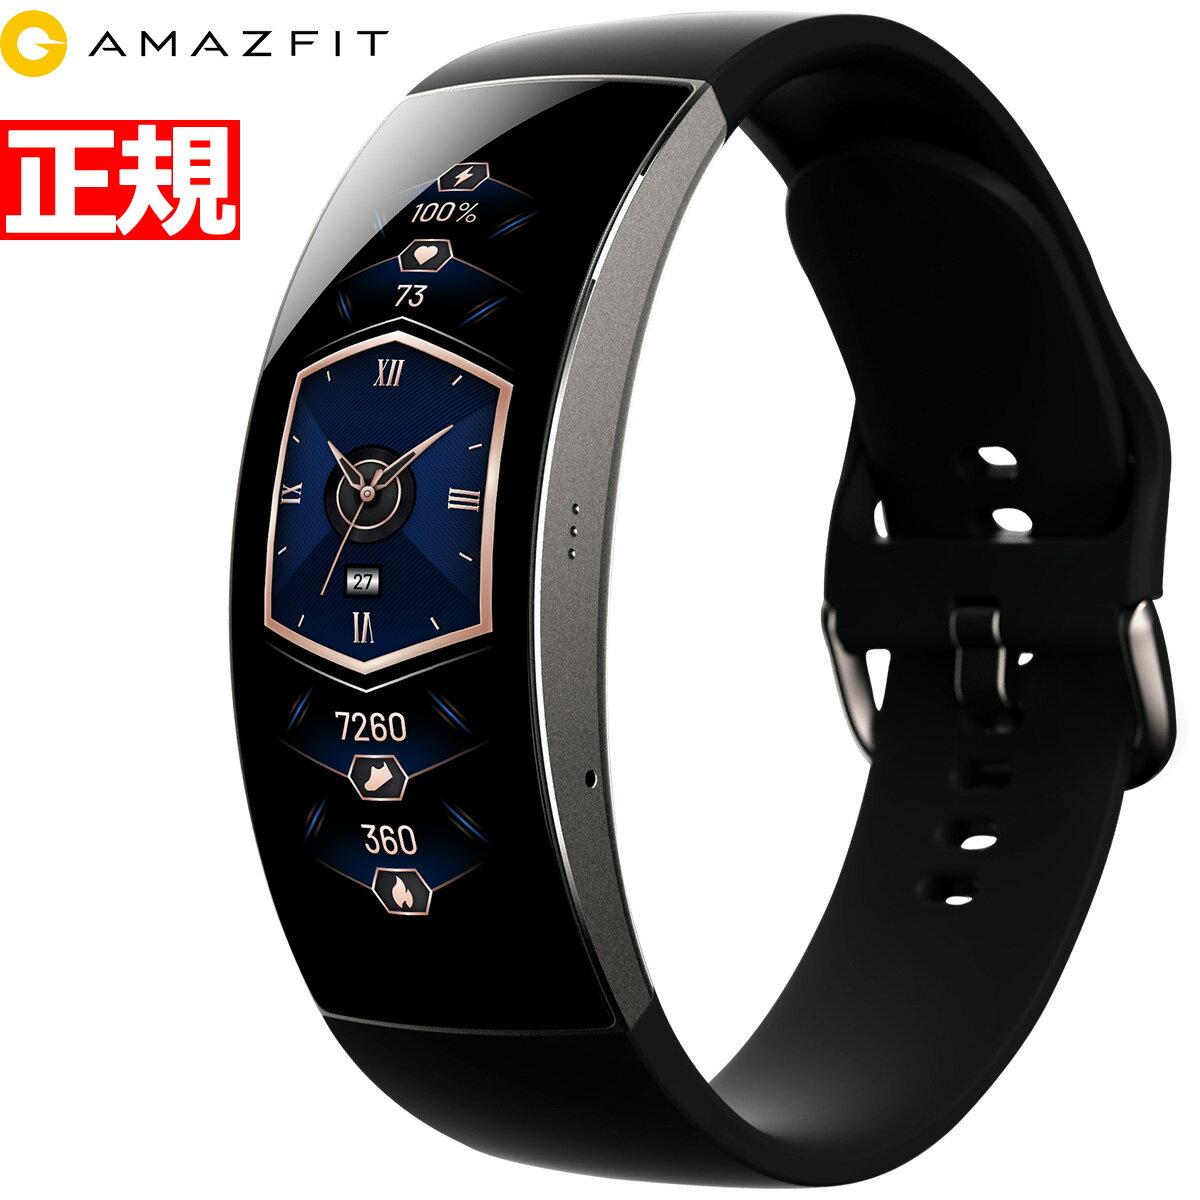 スマートフォン・タブレット, スマートウォッチ本体 35.5 AMAZFIT X GPS SP170029C01